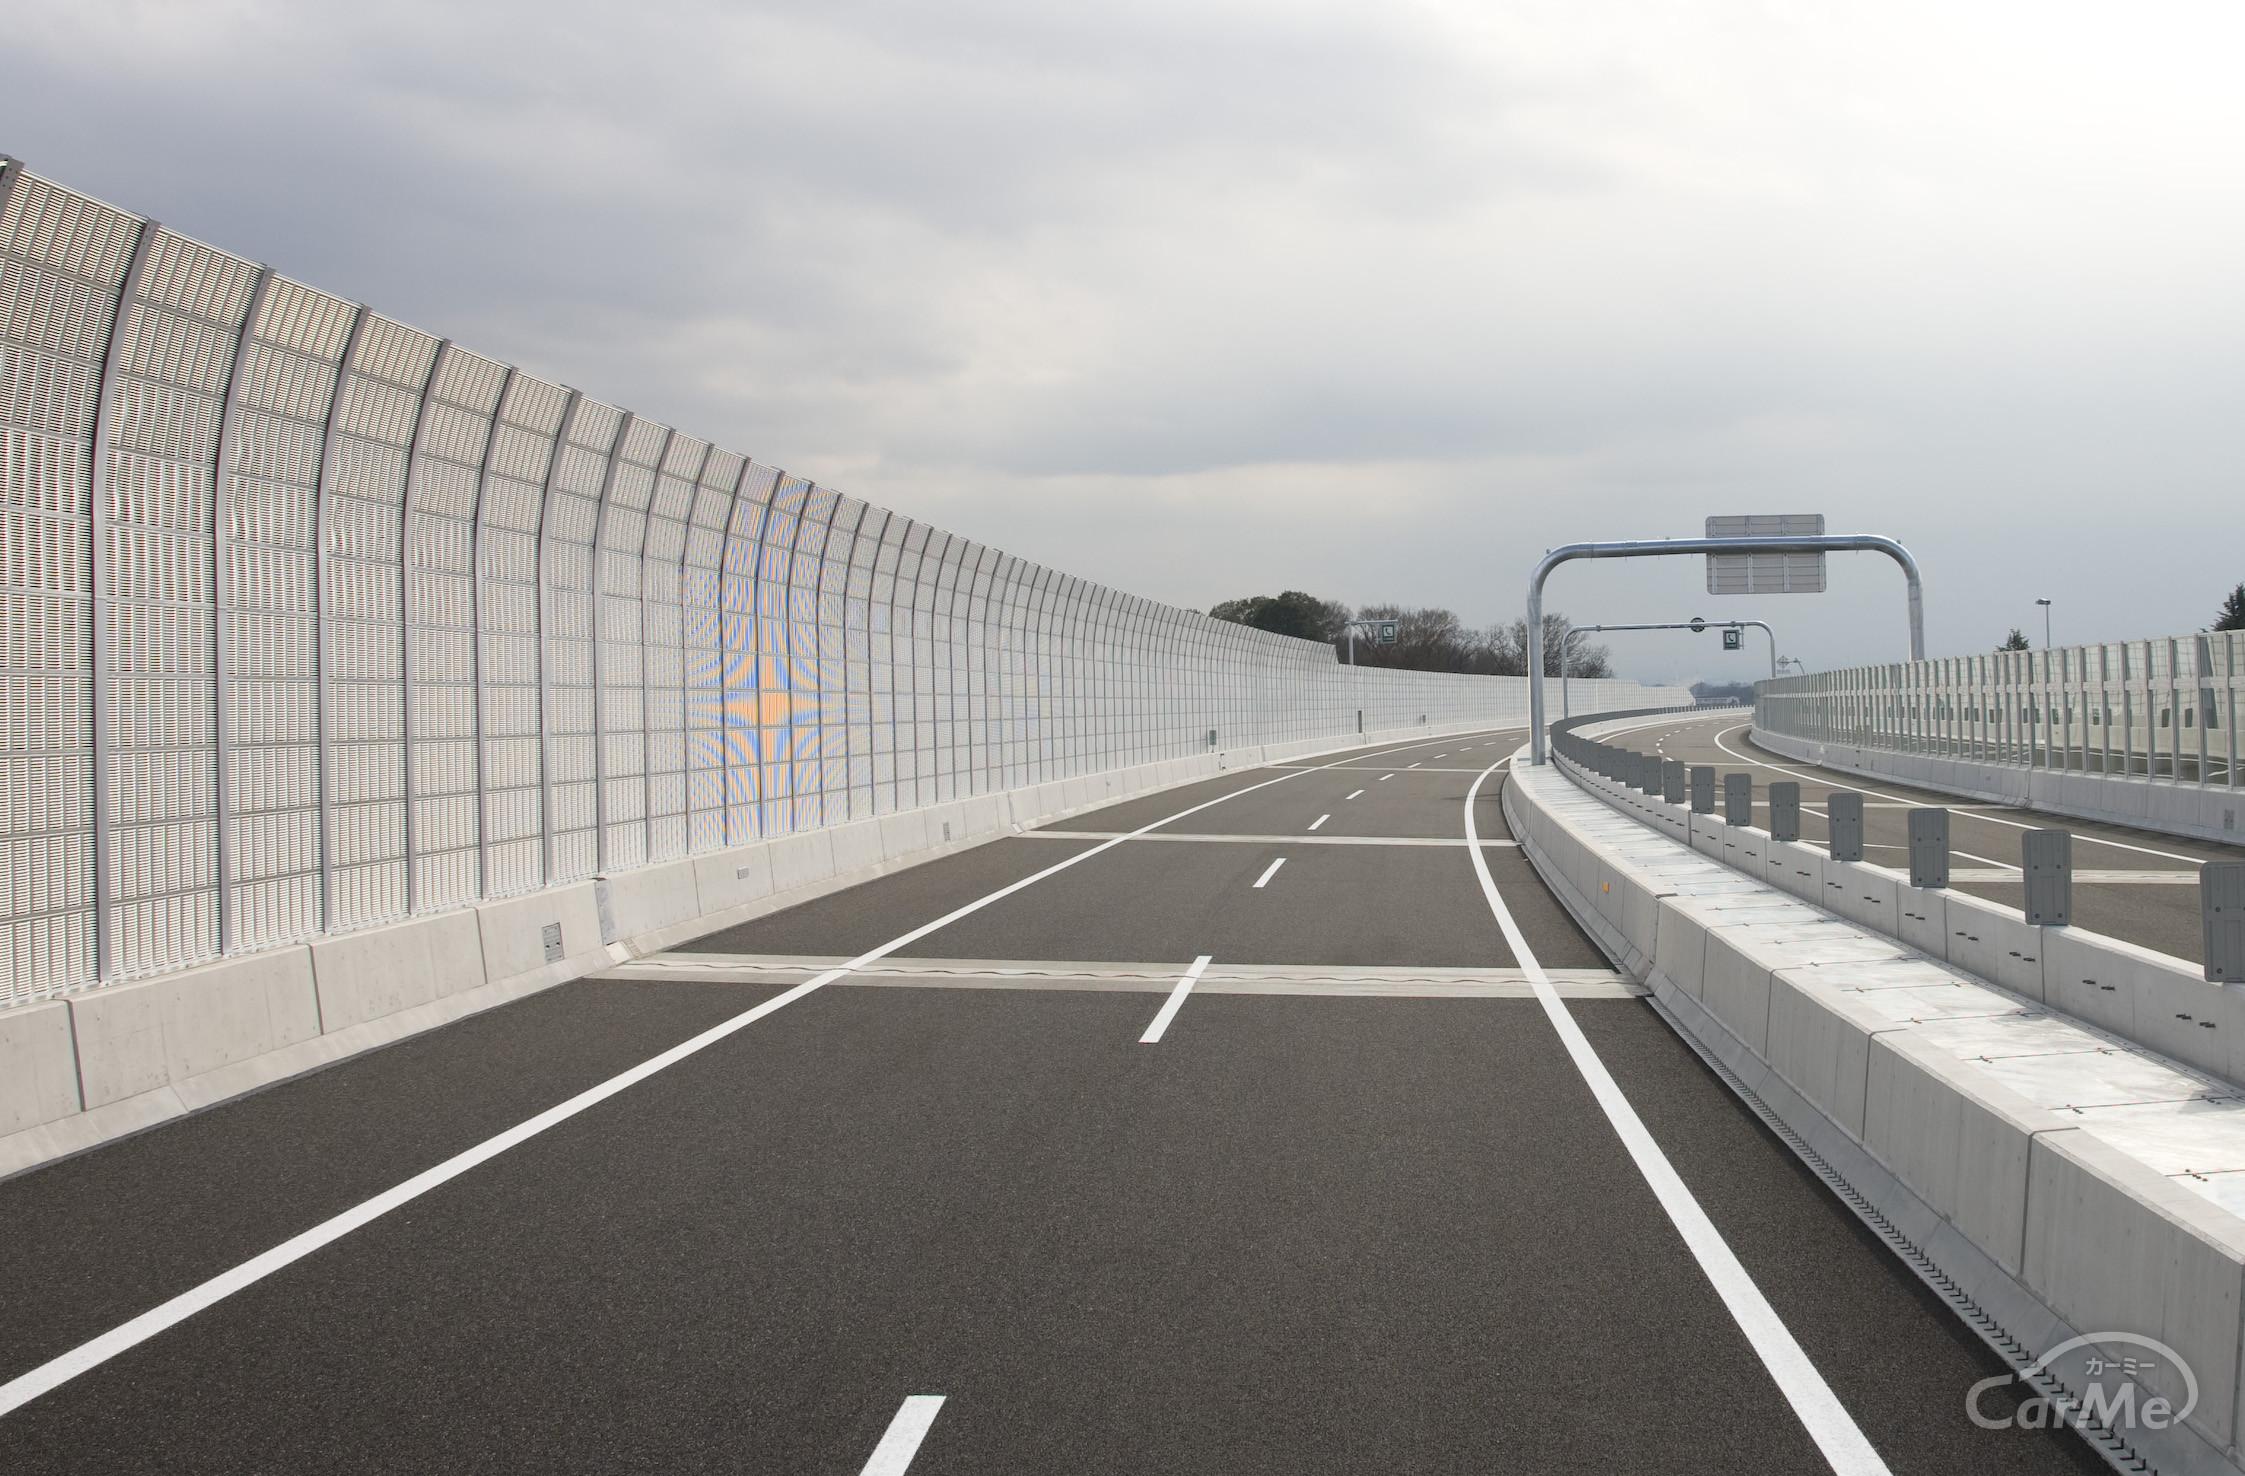 高速道路を走行中、「ゴツン、ゴツン」と振動するのはなぜ?